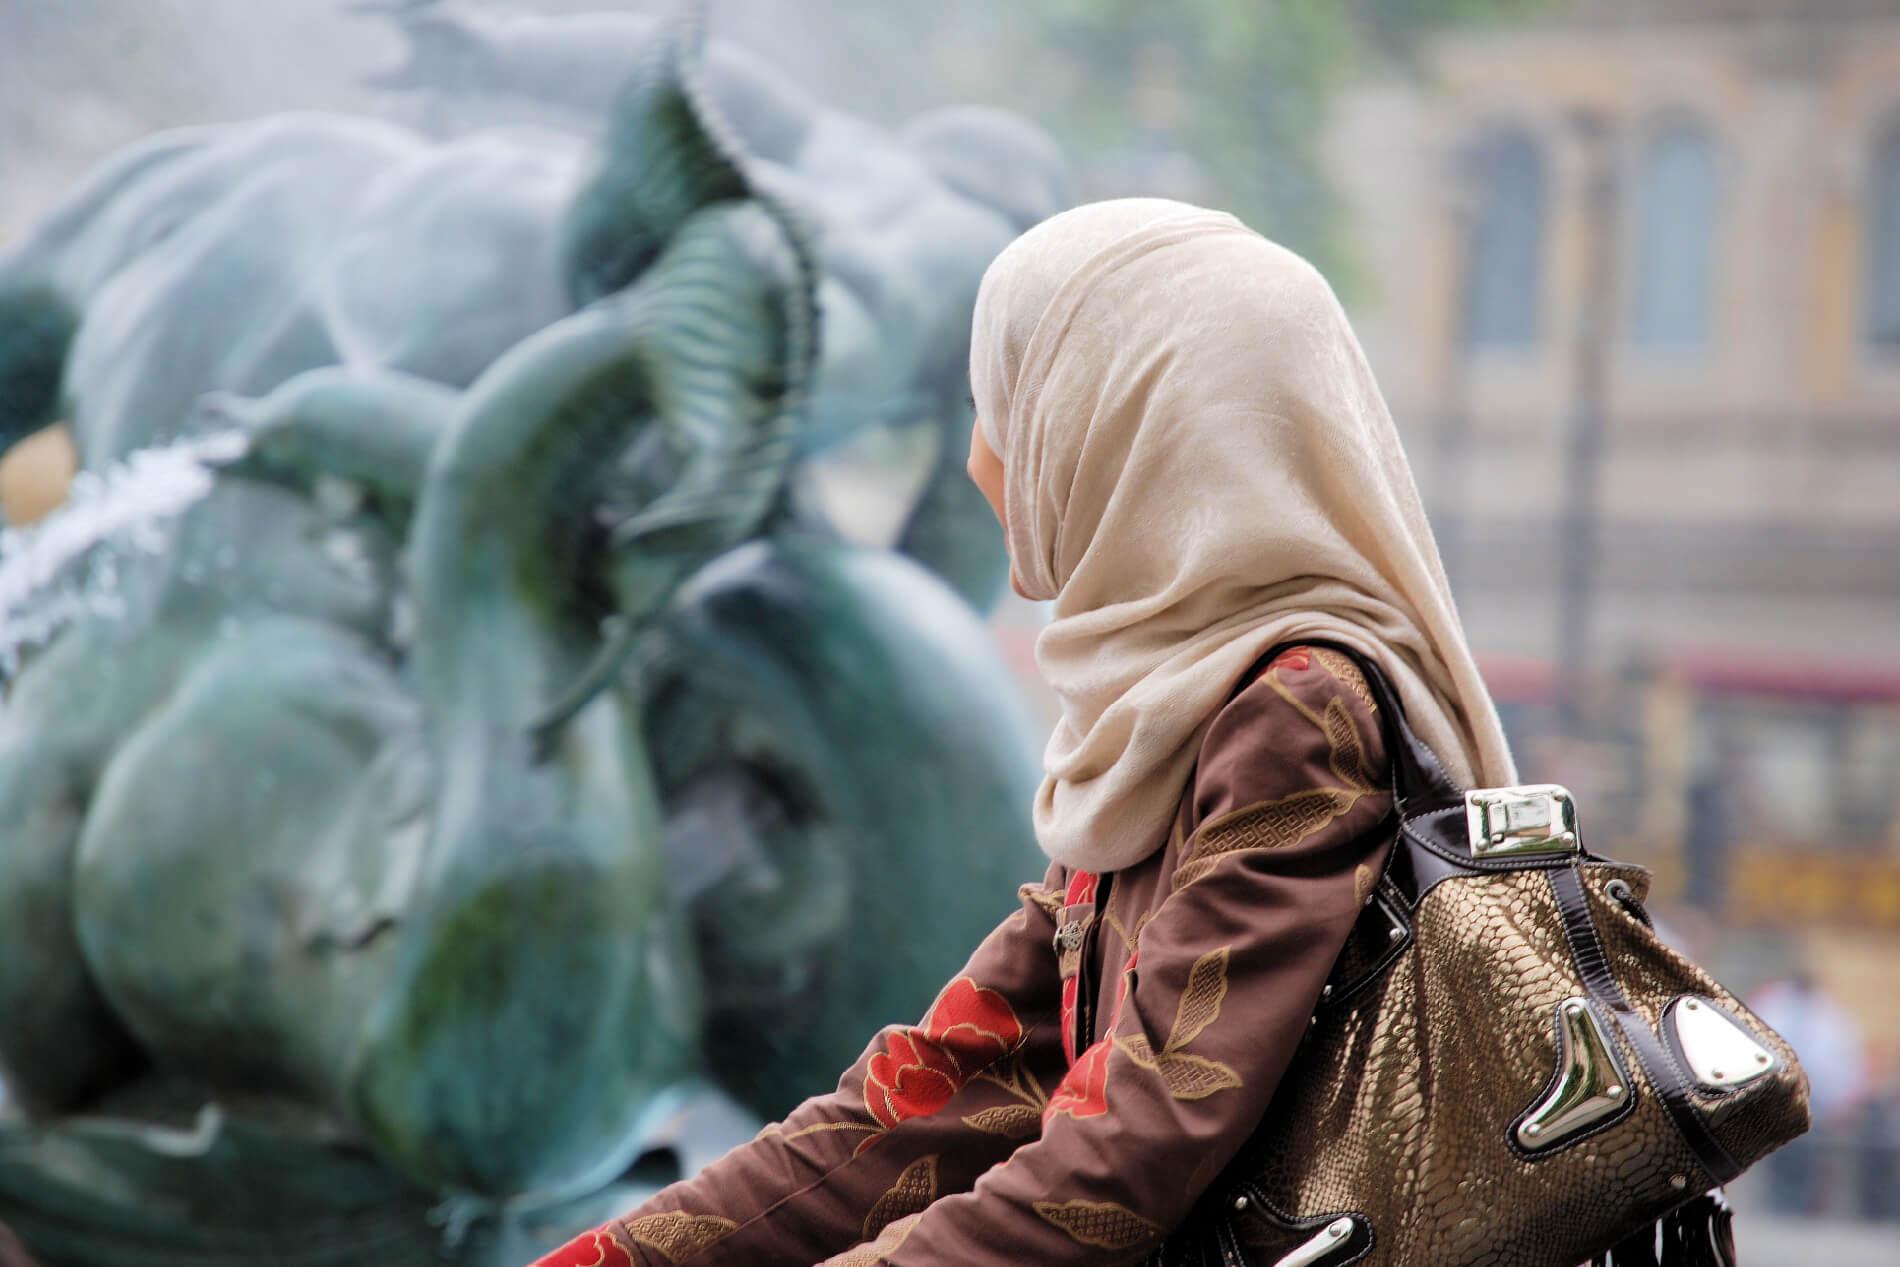 Why I wear hijab